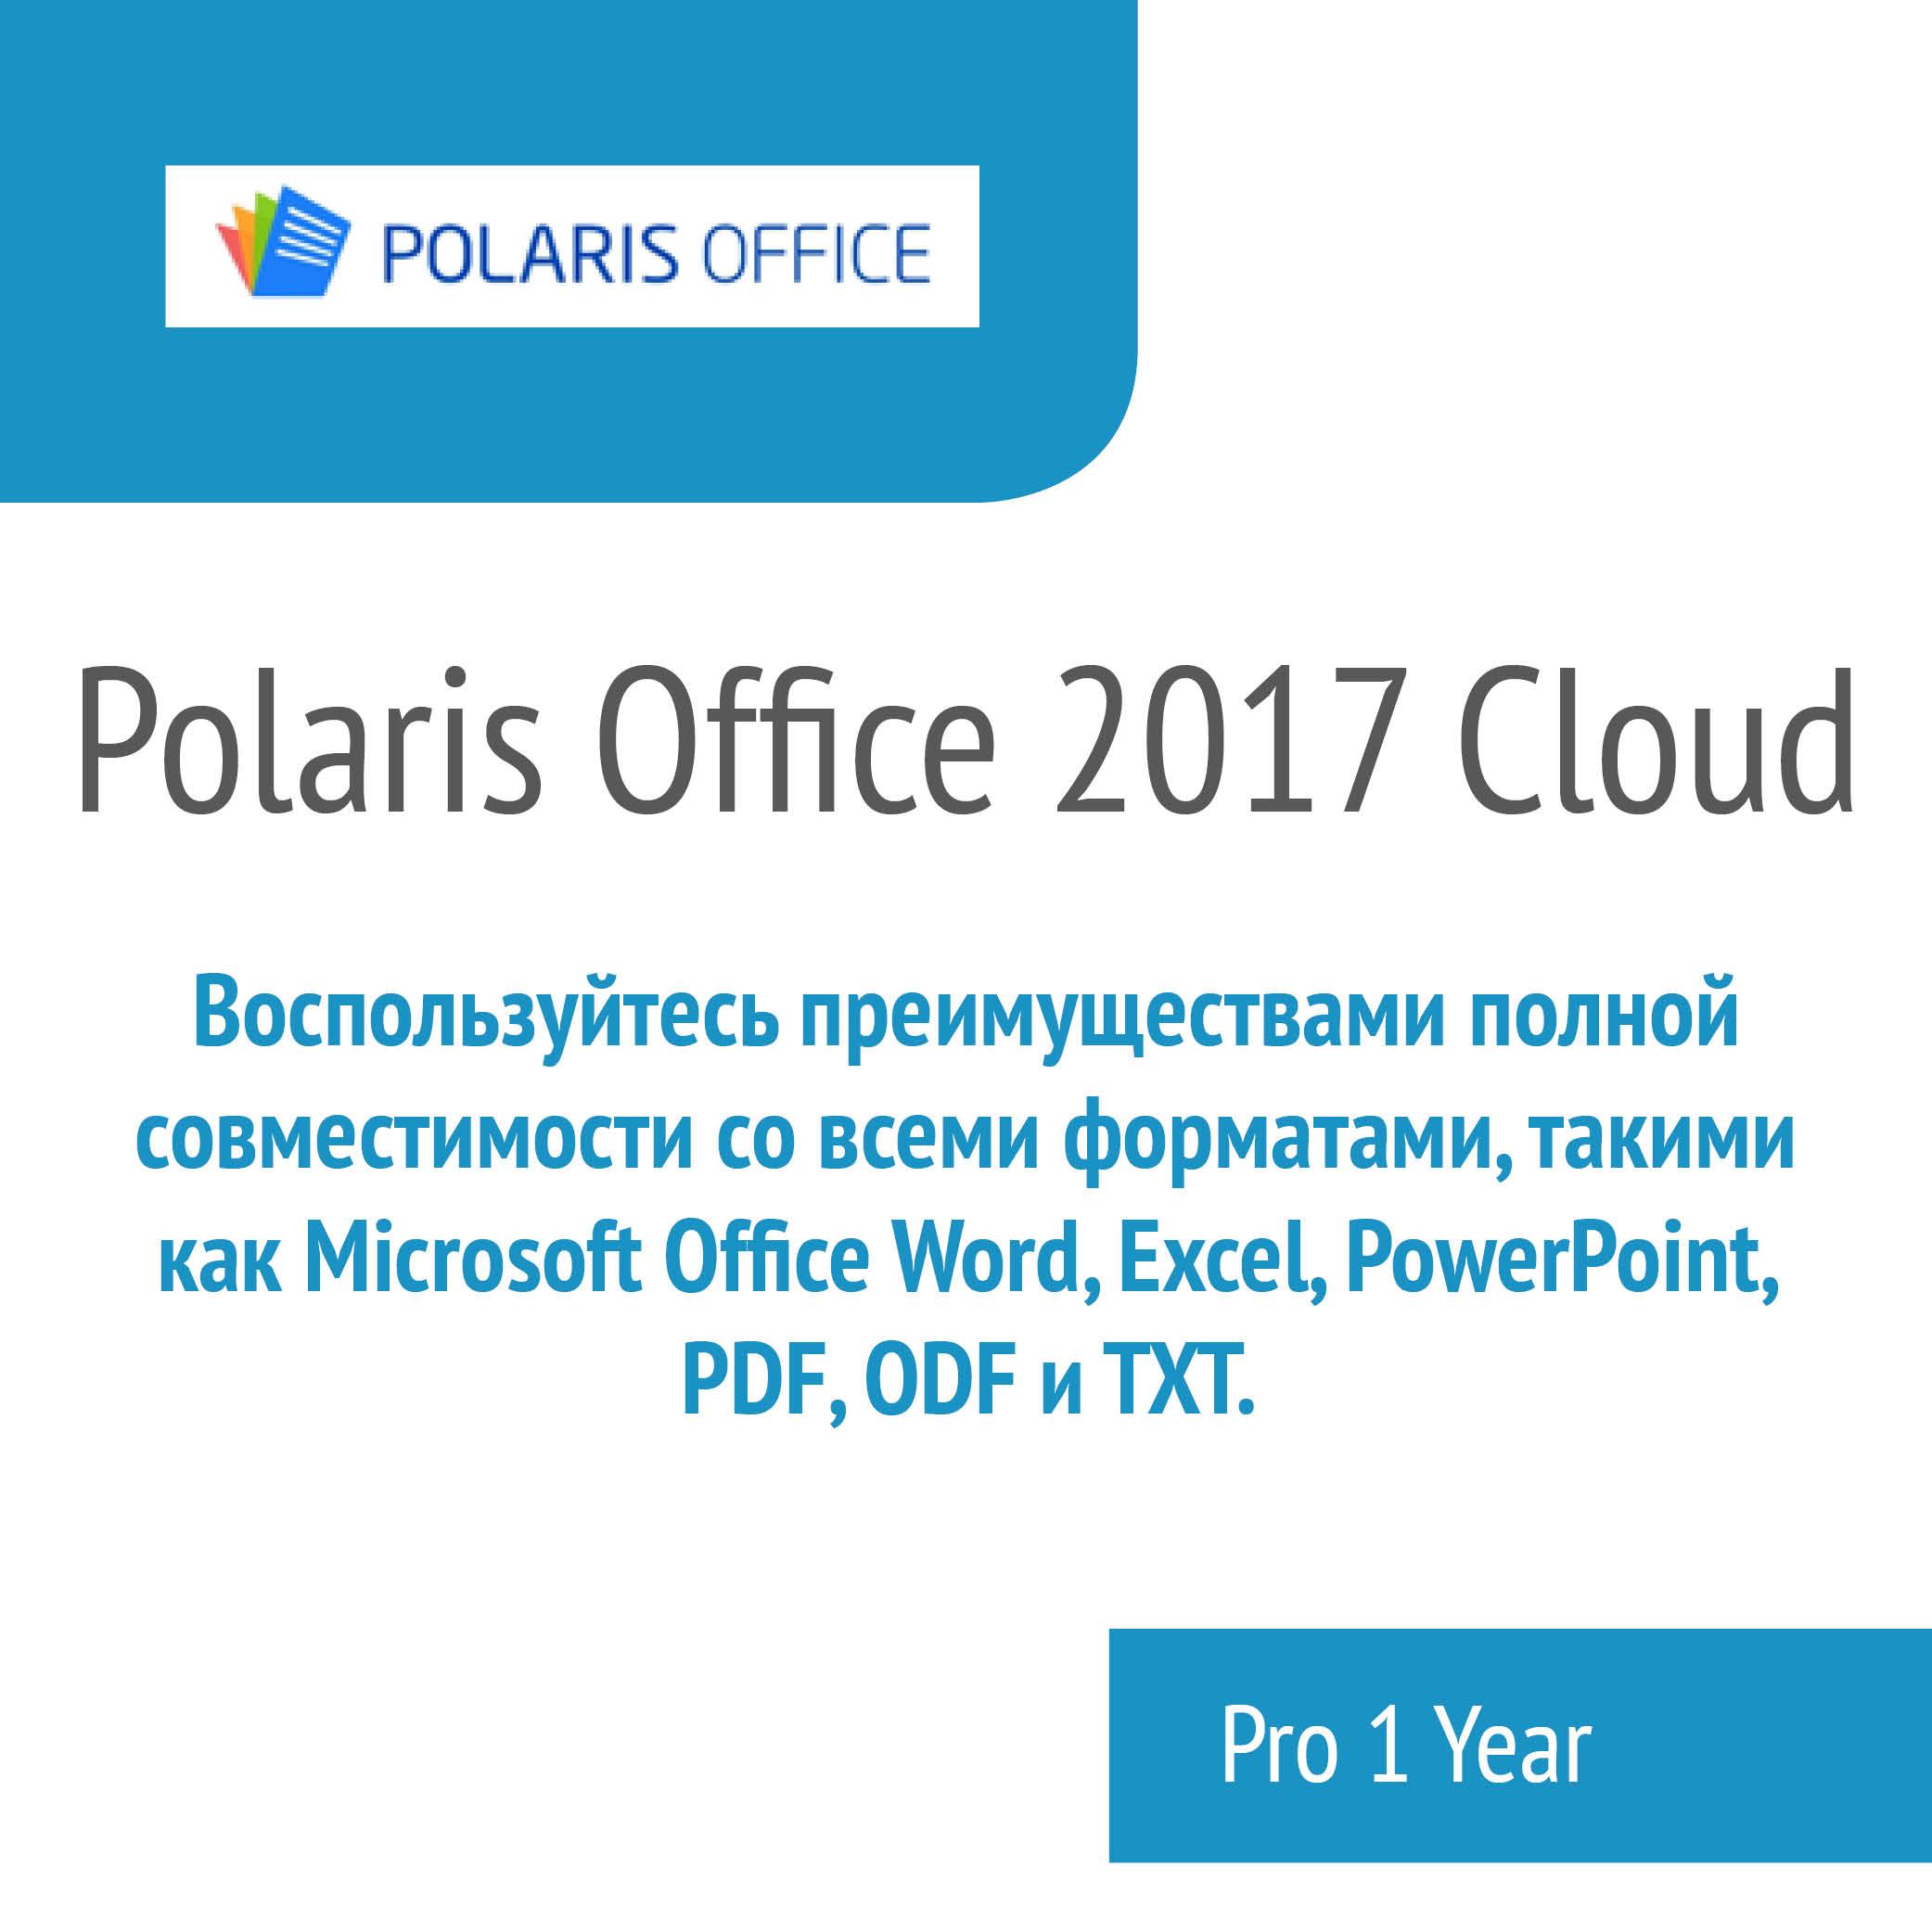 Купить Офисное ПО, ЭПО «Polaris Office 2017 (Cloud Office) Pro 1 Year» в електронному виг